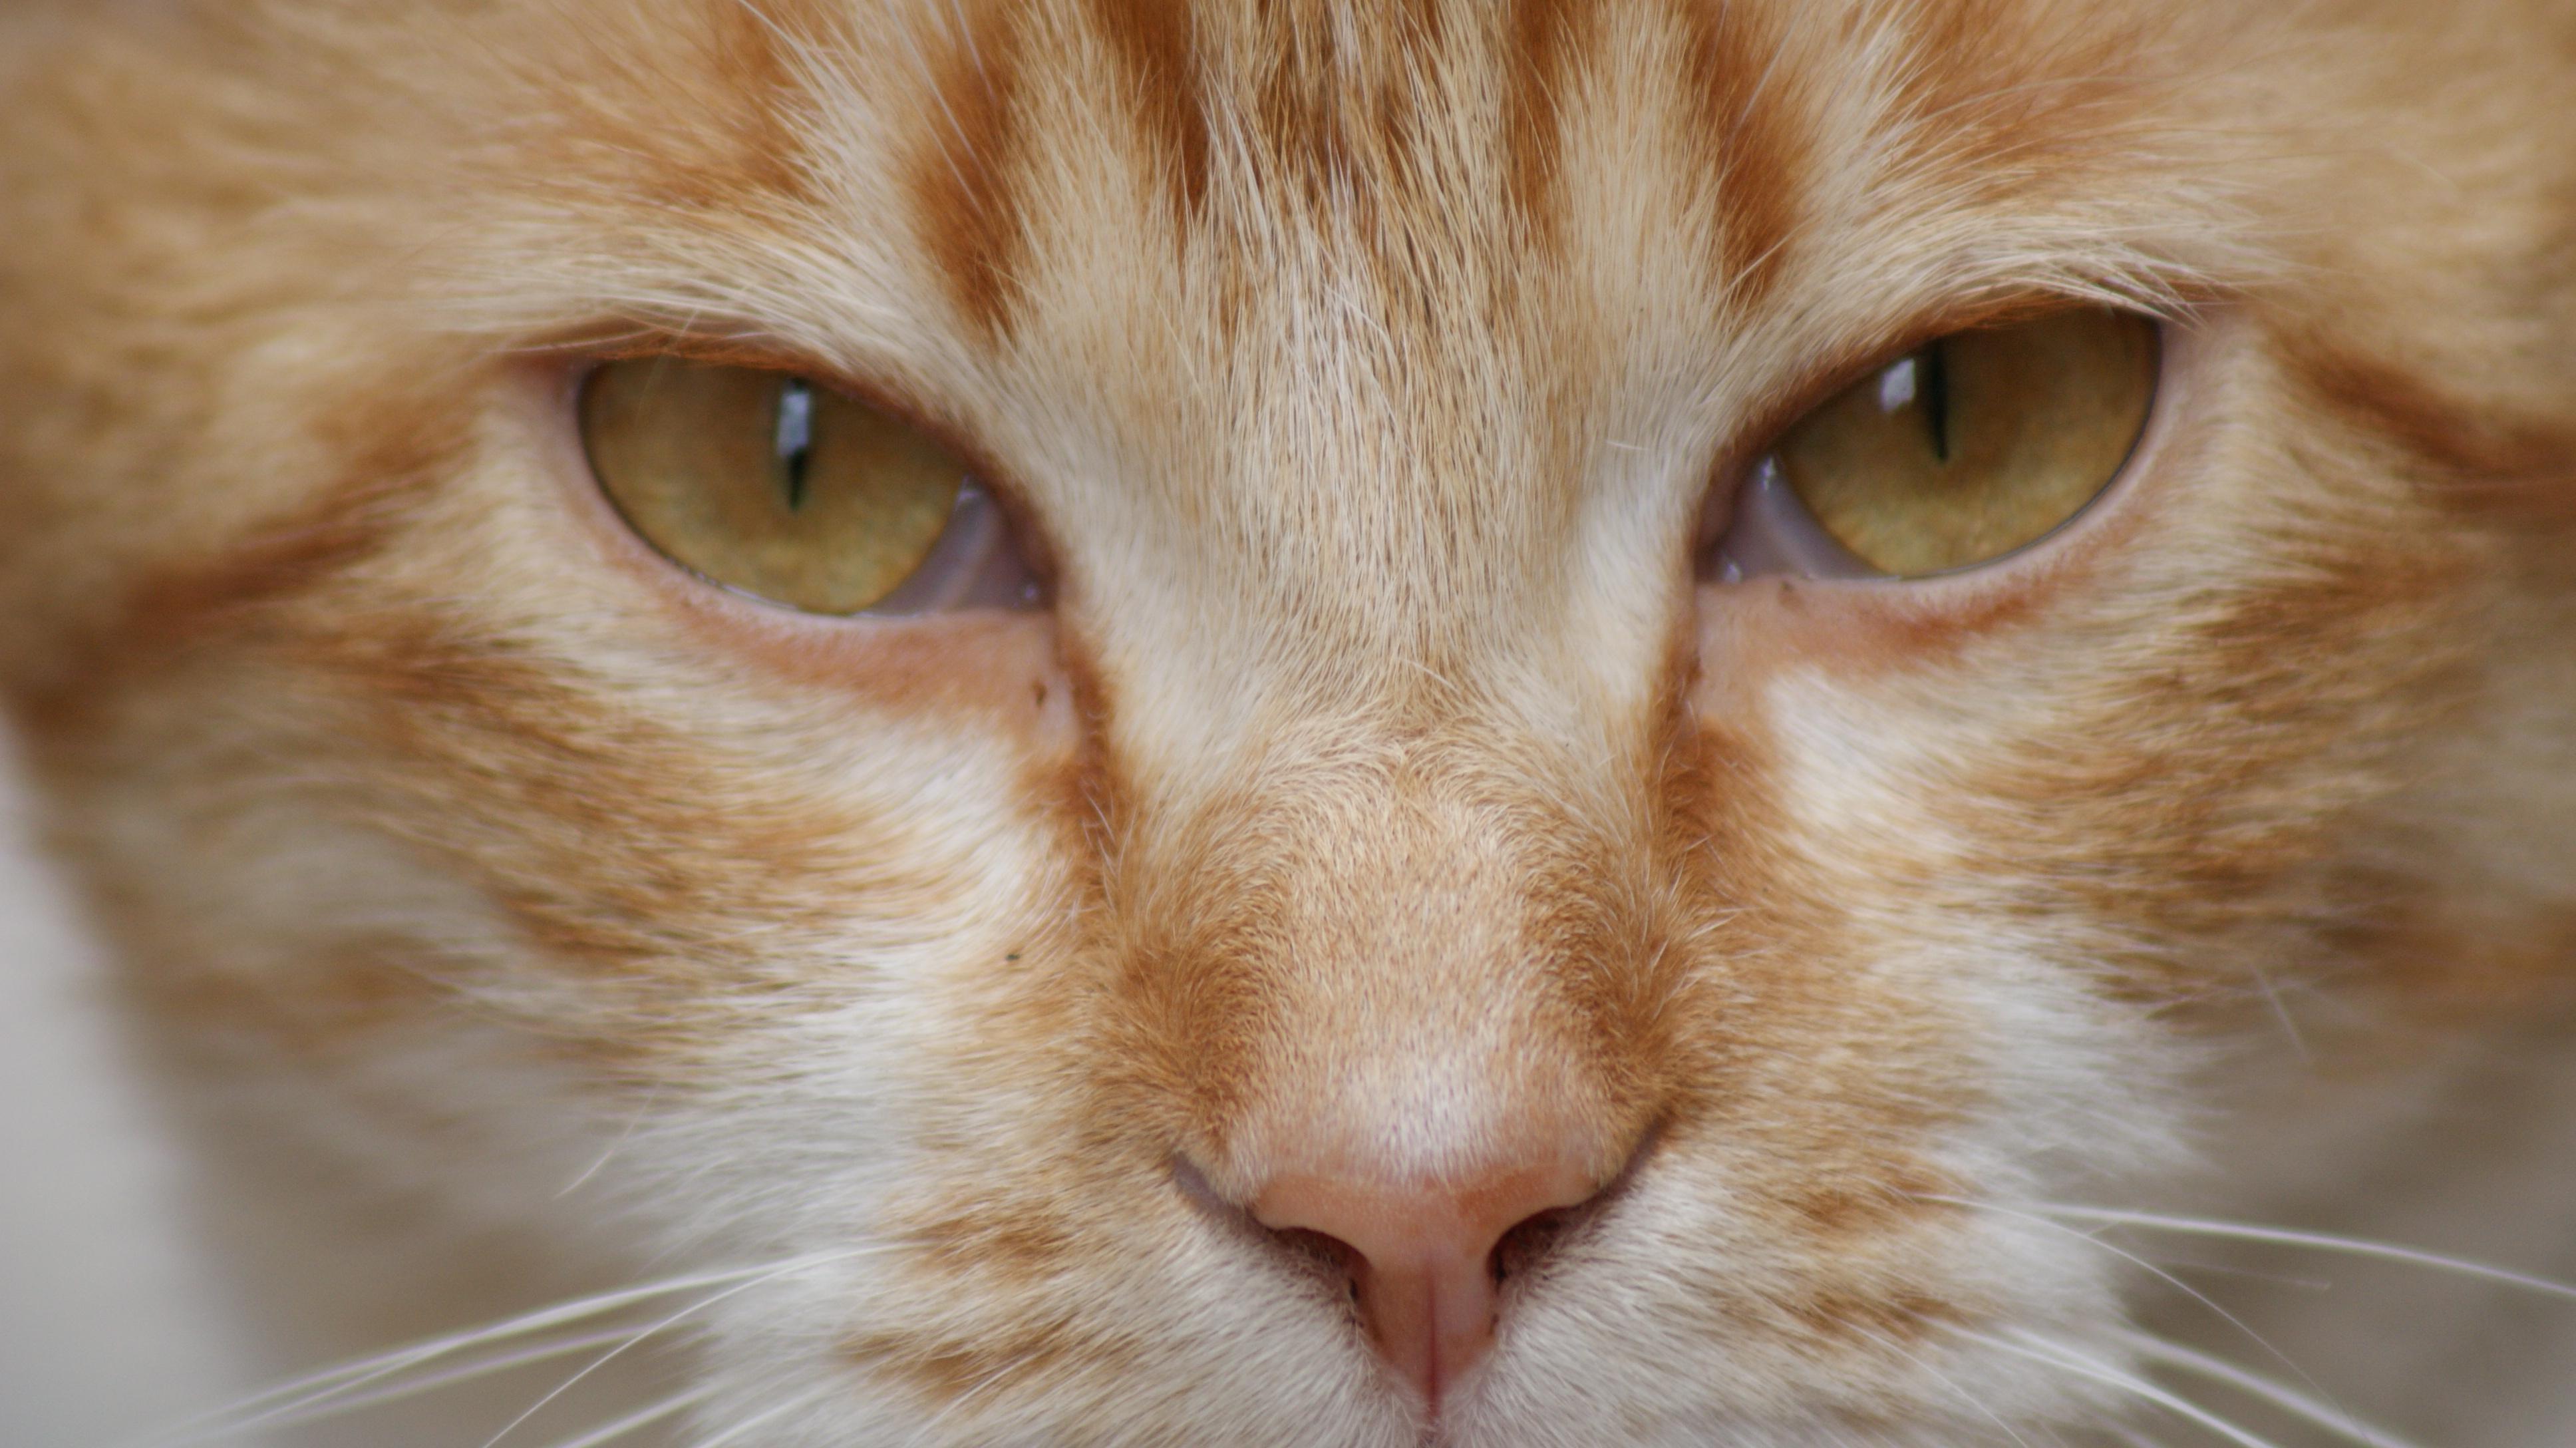 Unduh 95+  Gambar Kucing Indah Paling Bagus